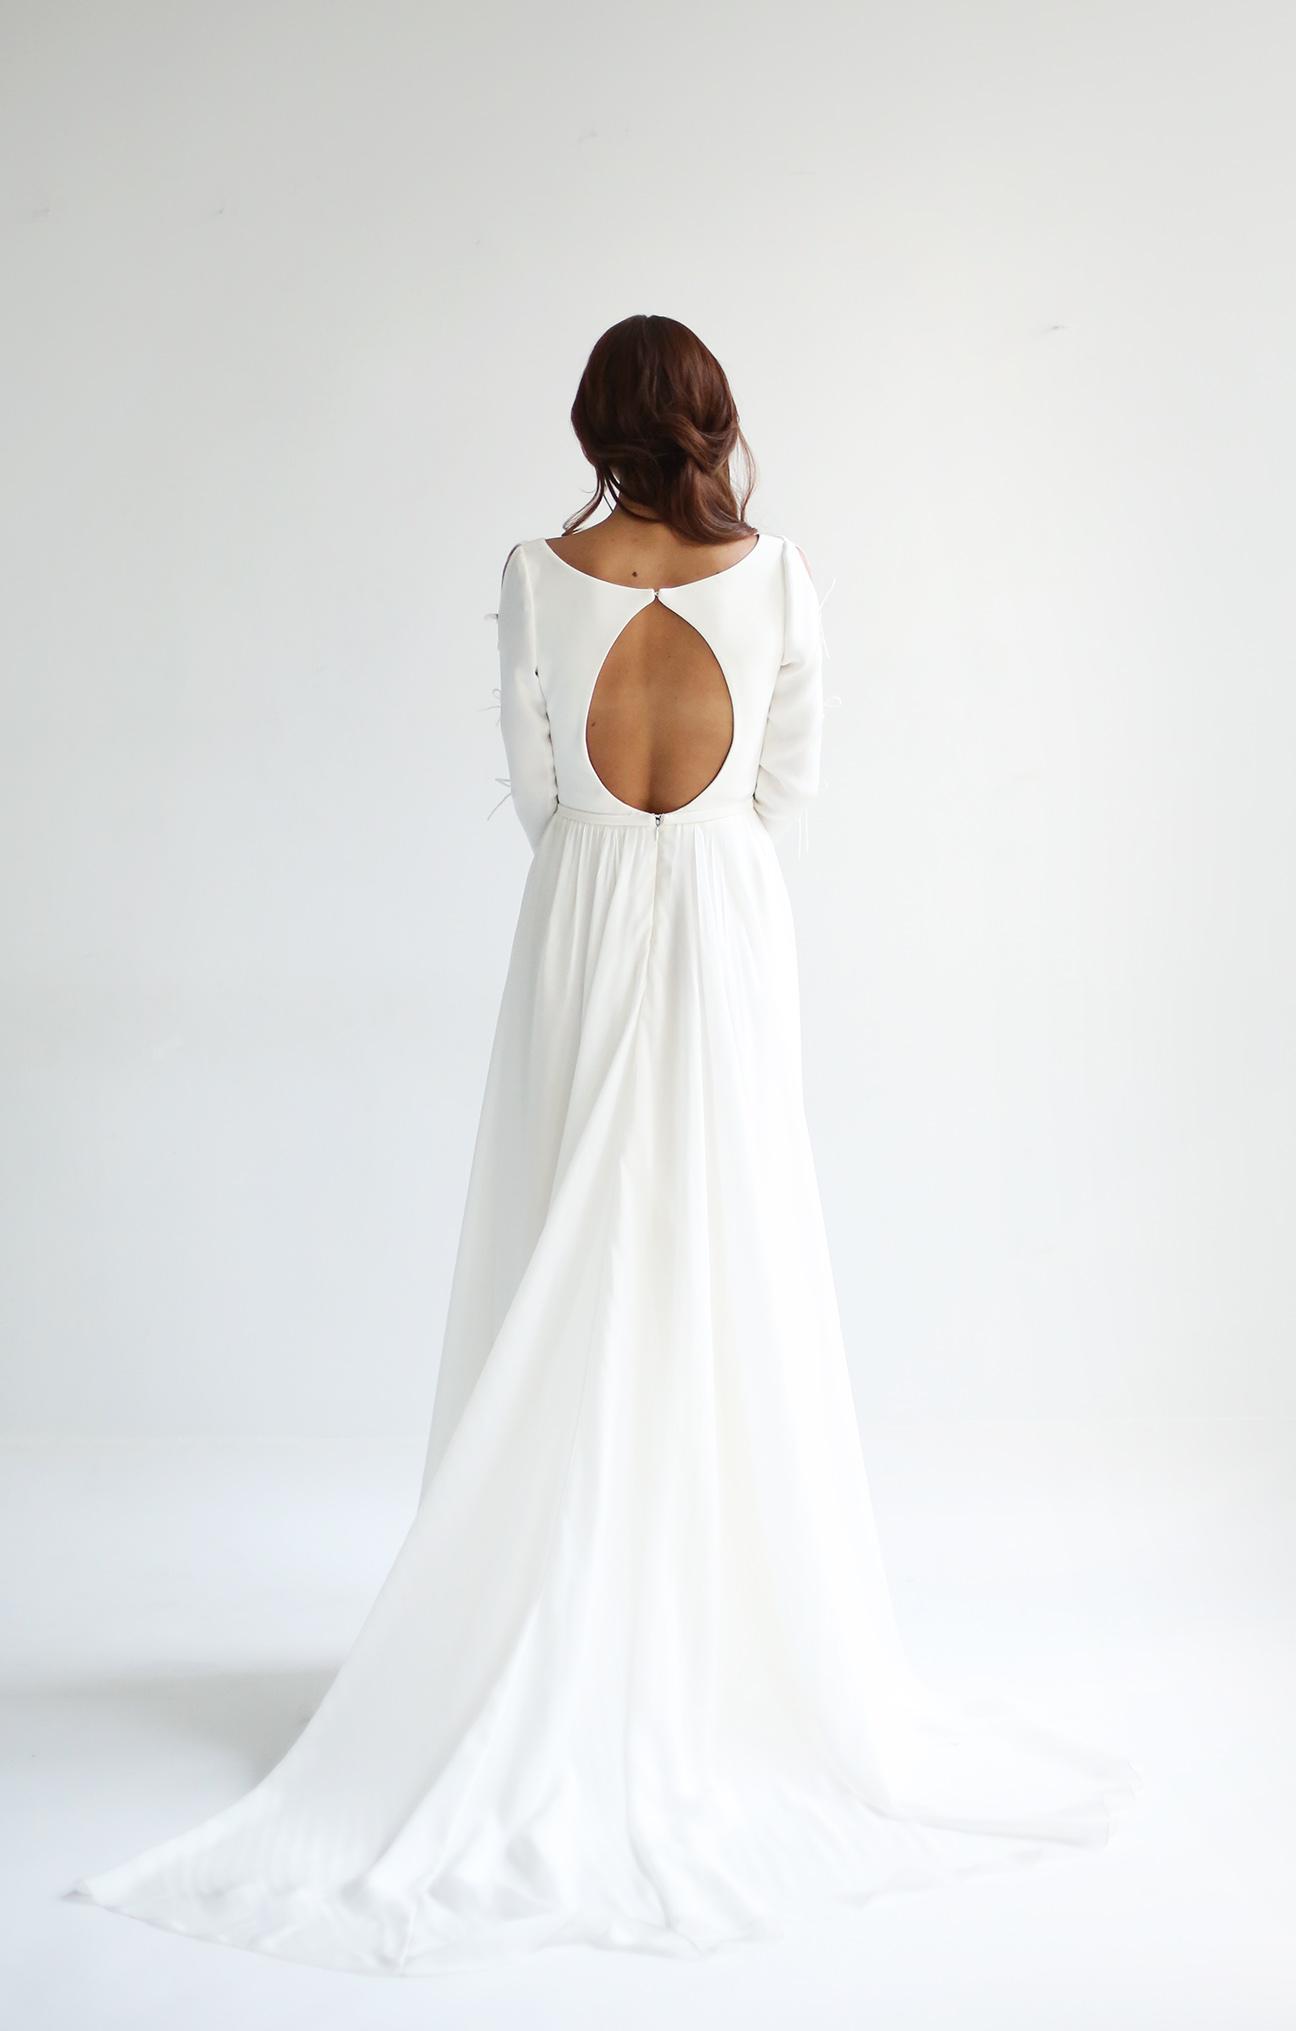 leanne-marshall-bridal-5.jpg